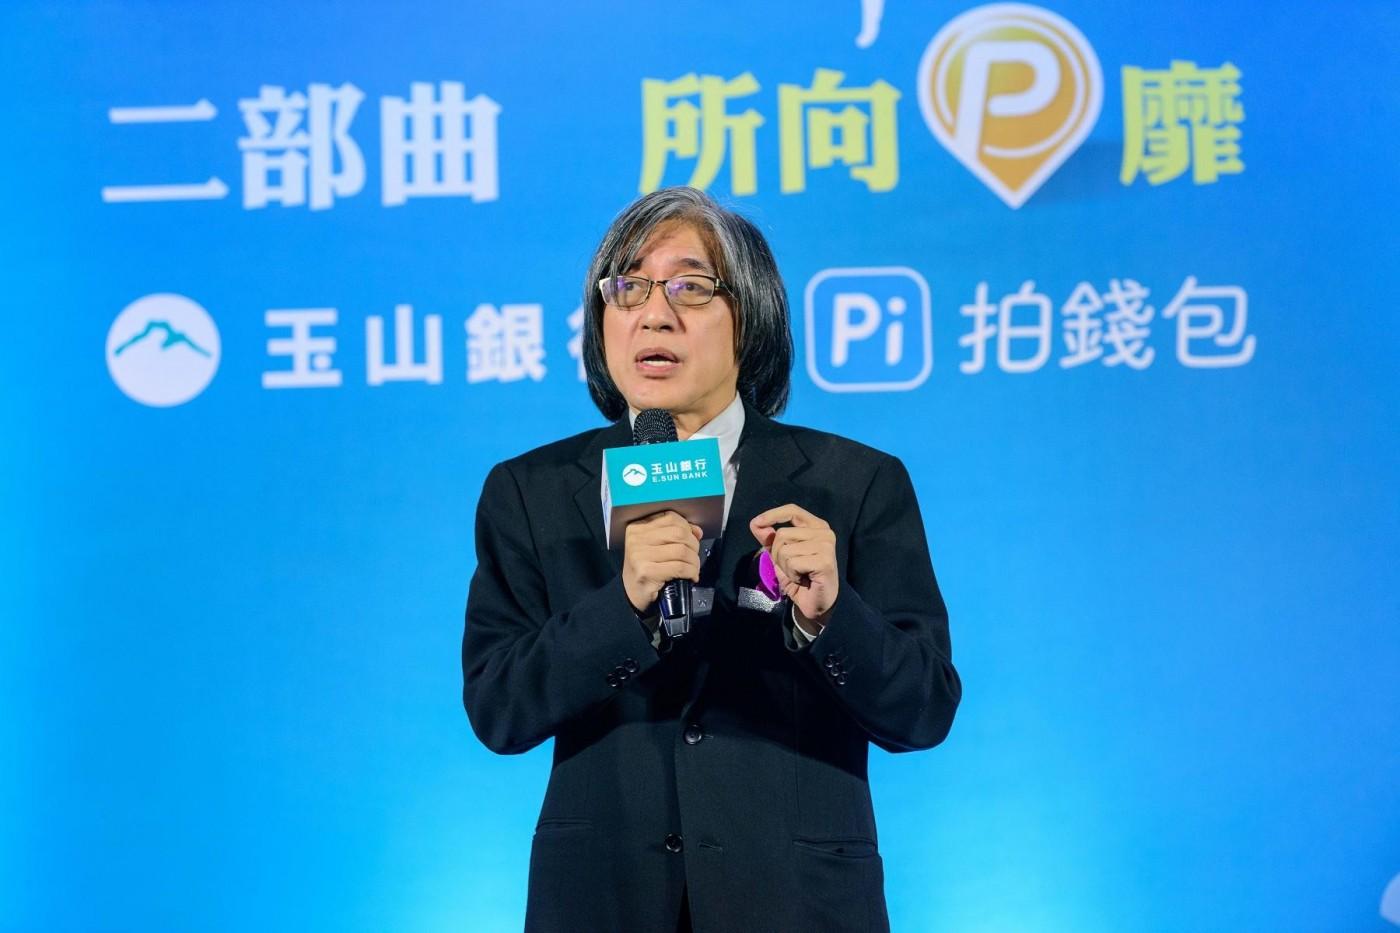 《產業領袖觀點》PChome網家大轉型,女性會員數首超越男性!詹宏志宣布7大策略啟動虛實整合